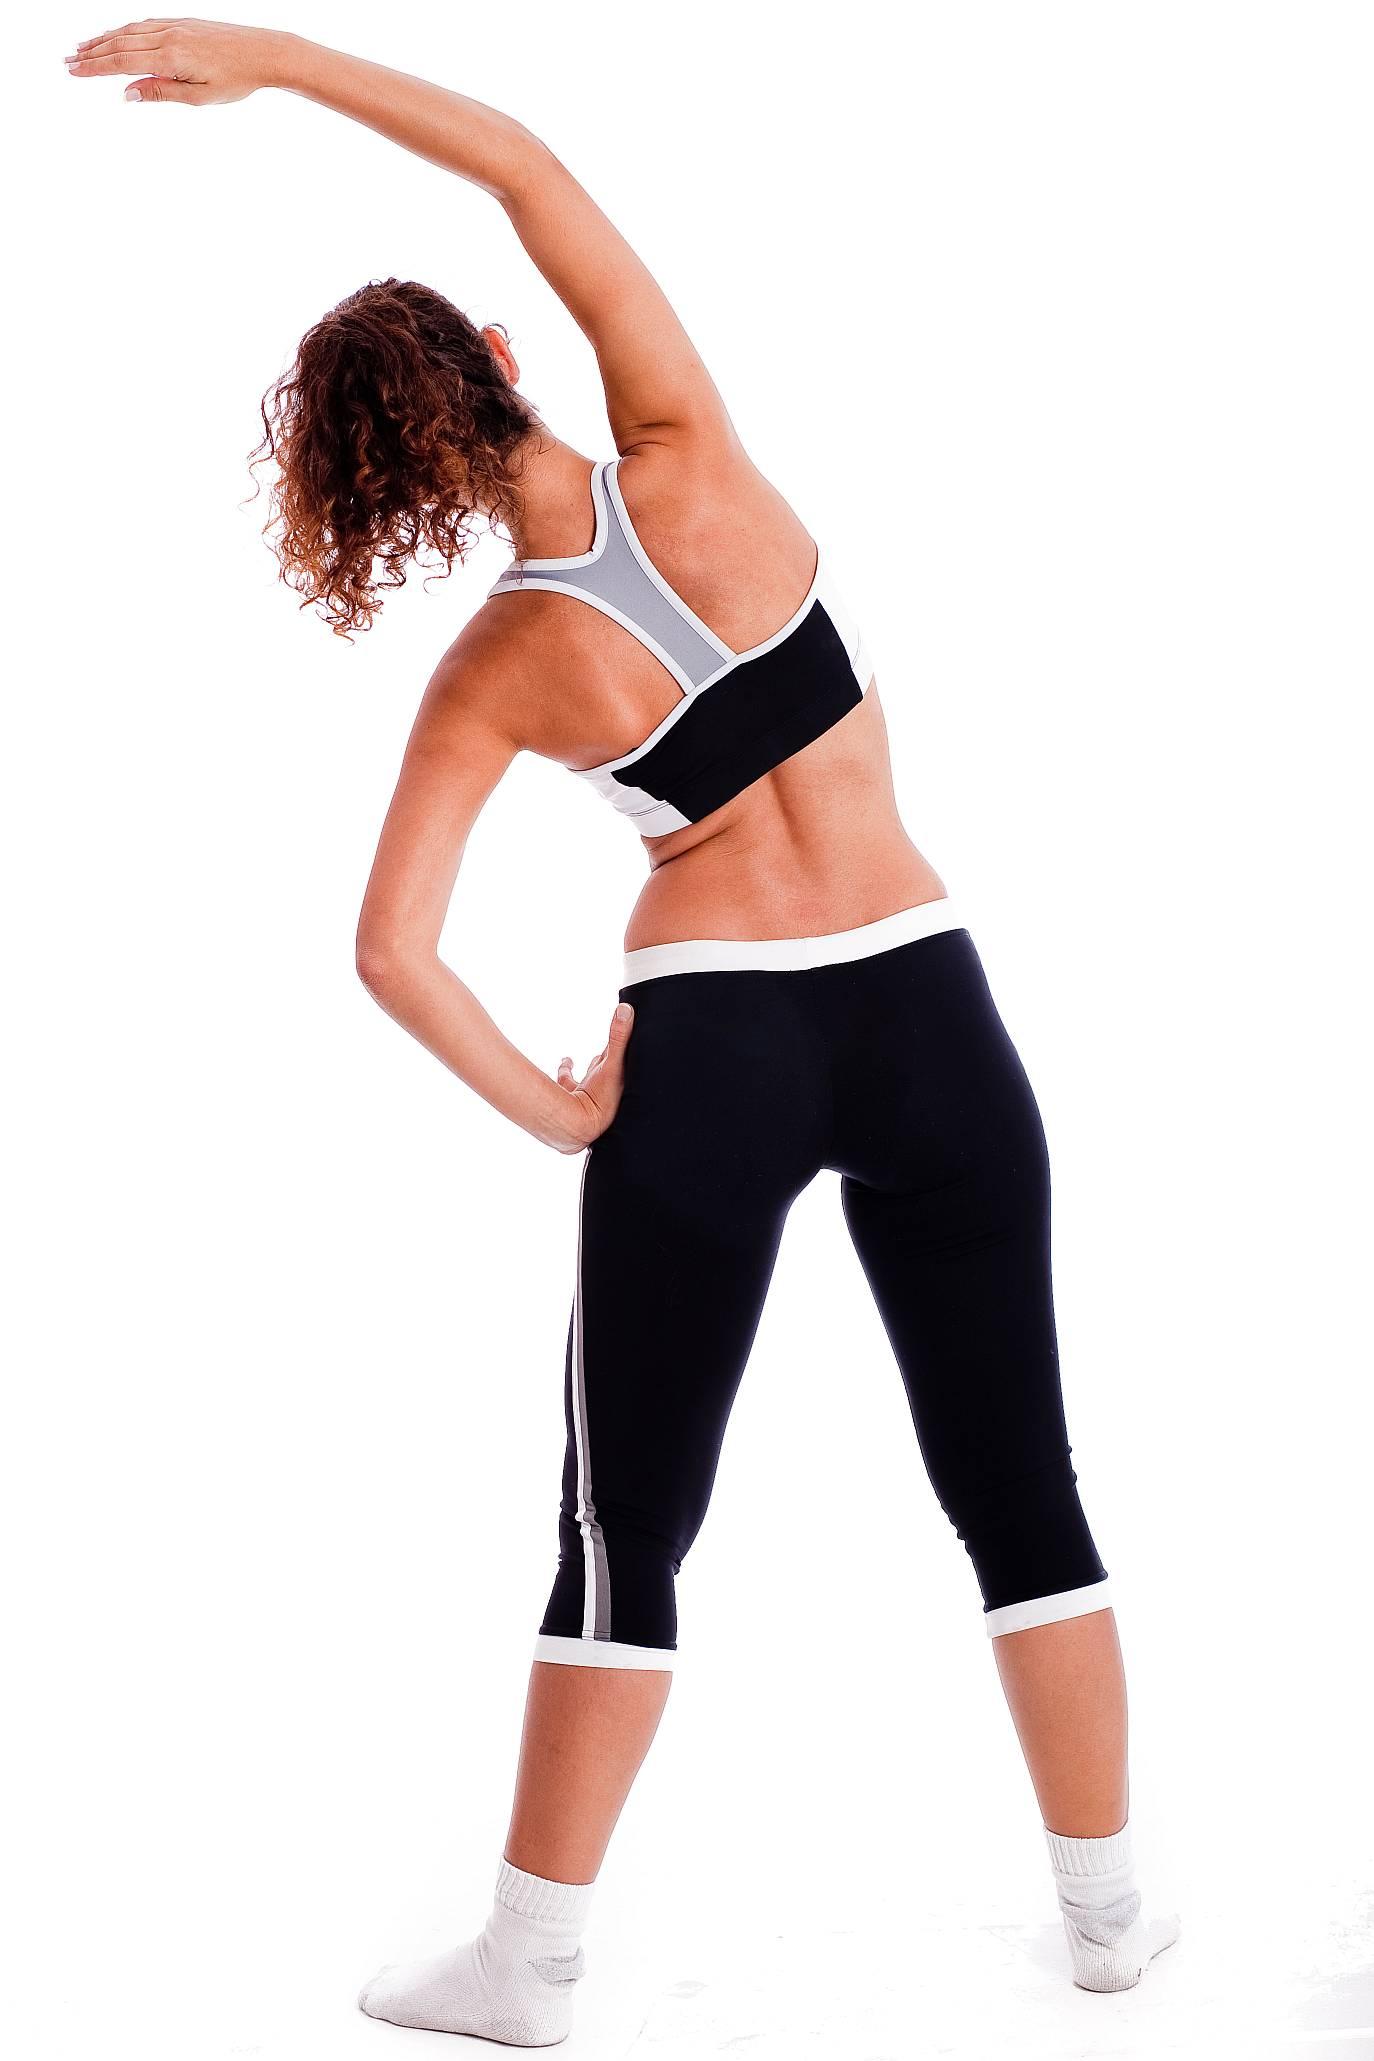 fitnessfrau1